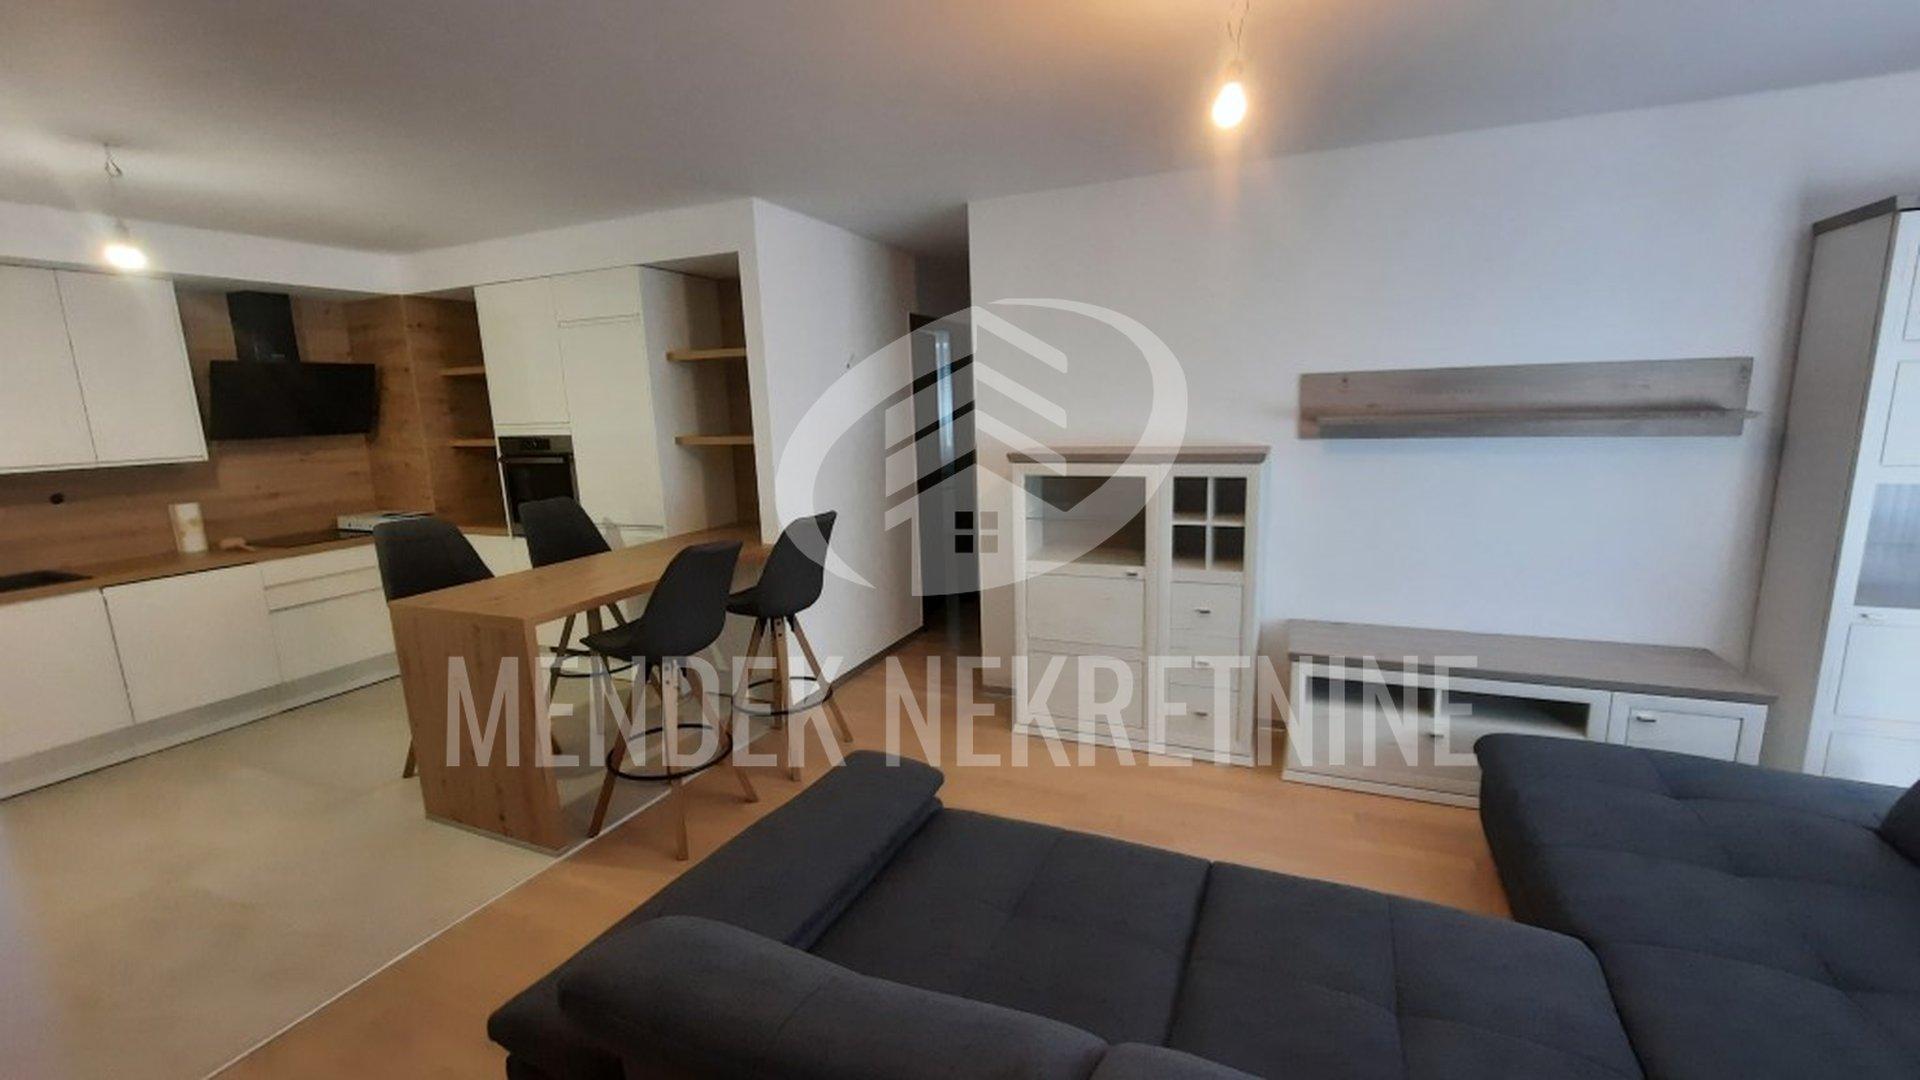 Appartamento, 97 m2, Affitto, Varaždin - Centar